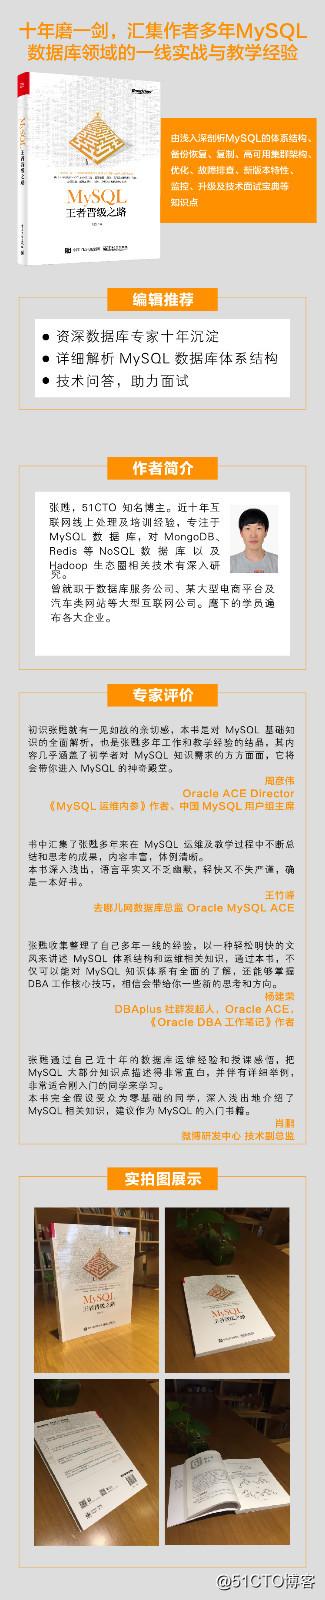 新书《MySQL王者晋级之路》出版啦!